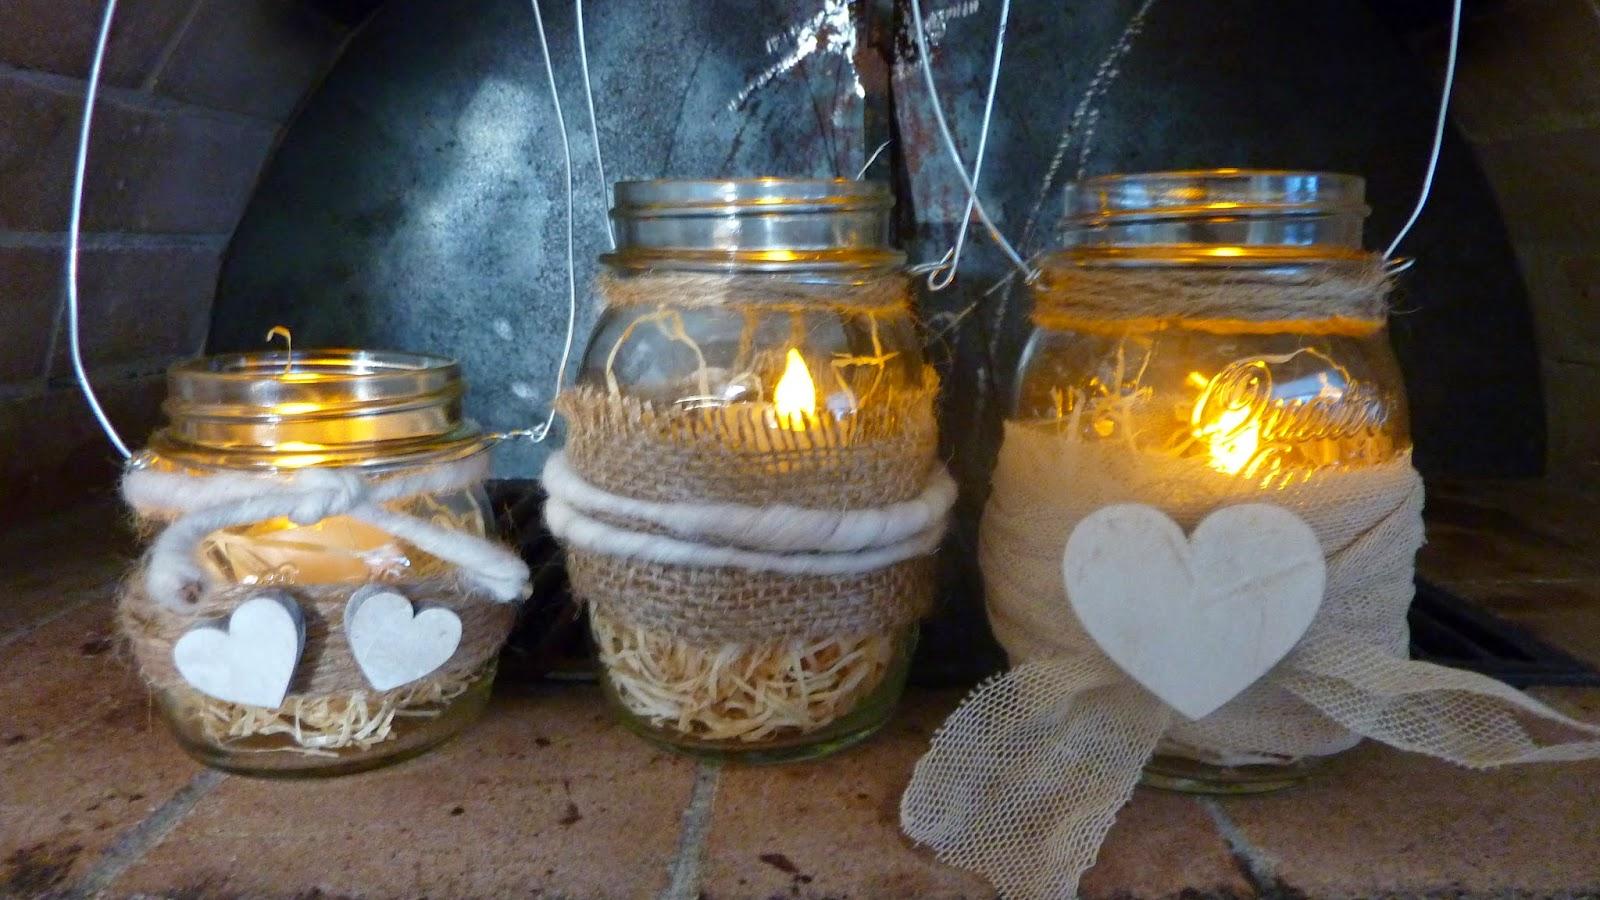 Lanterna romantica fai da te 20 idee per la san valentino - Mobiletto fai da te ...